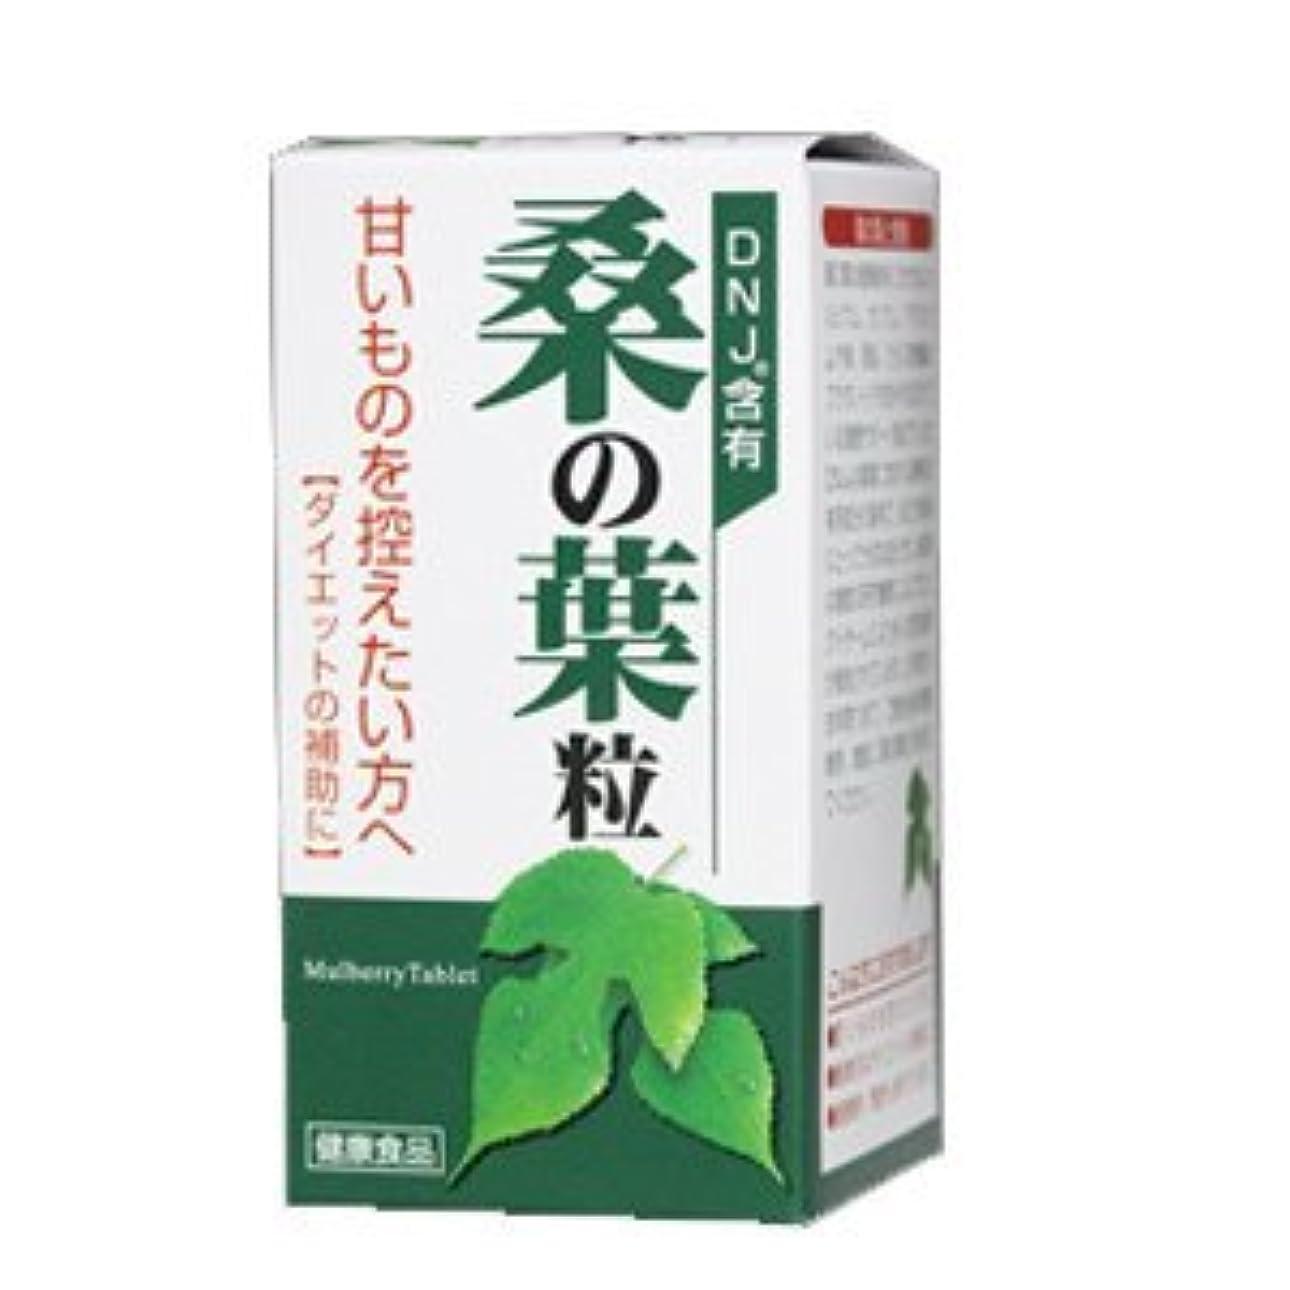 交換可能迷信幽霊桑の葉粒 270粒 2個 大草薬品